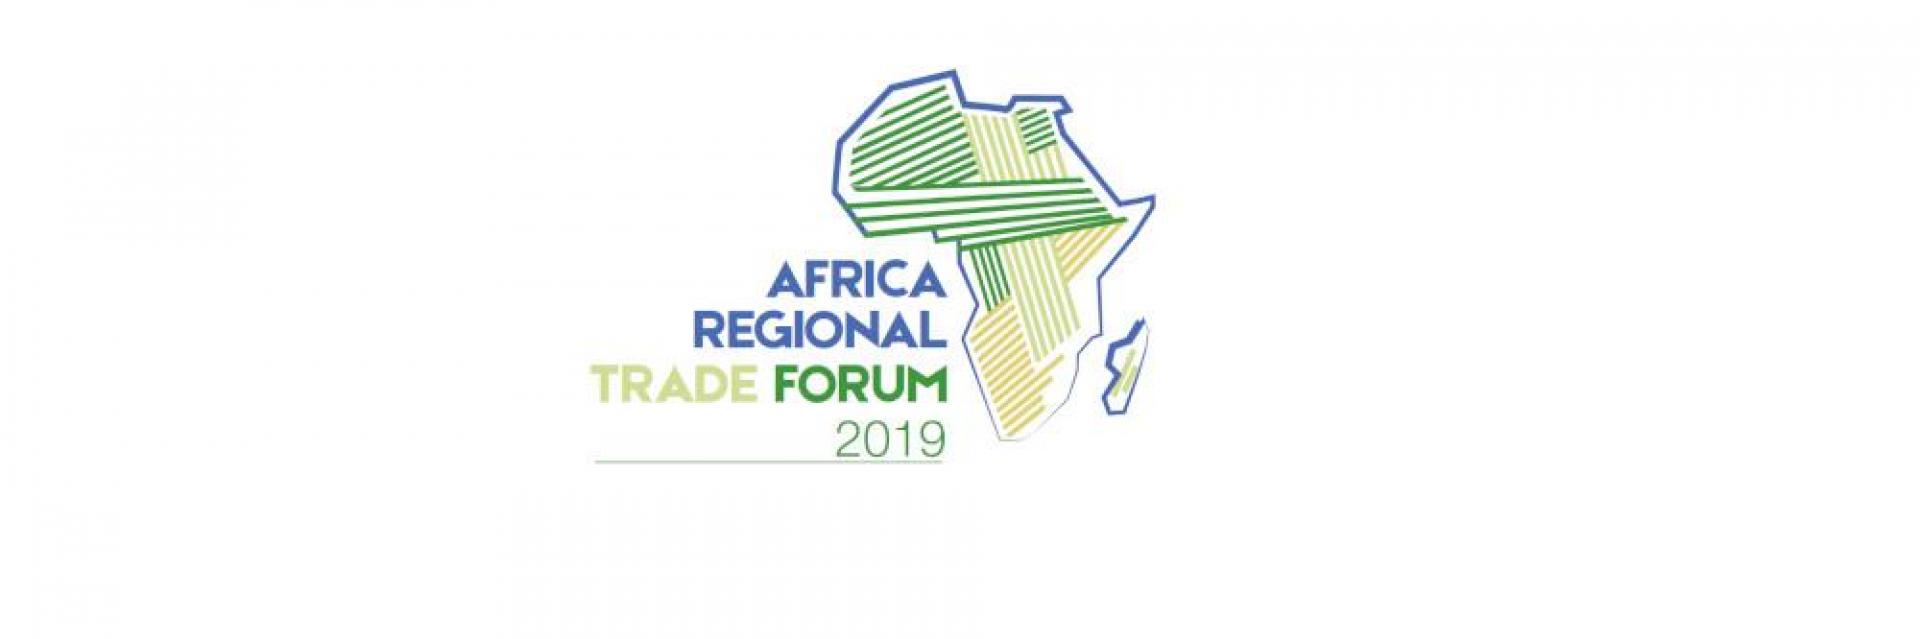 Forum régional sur le commerce pour l'Afrique de l'Ouest et l'Afrique centrale